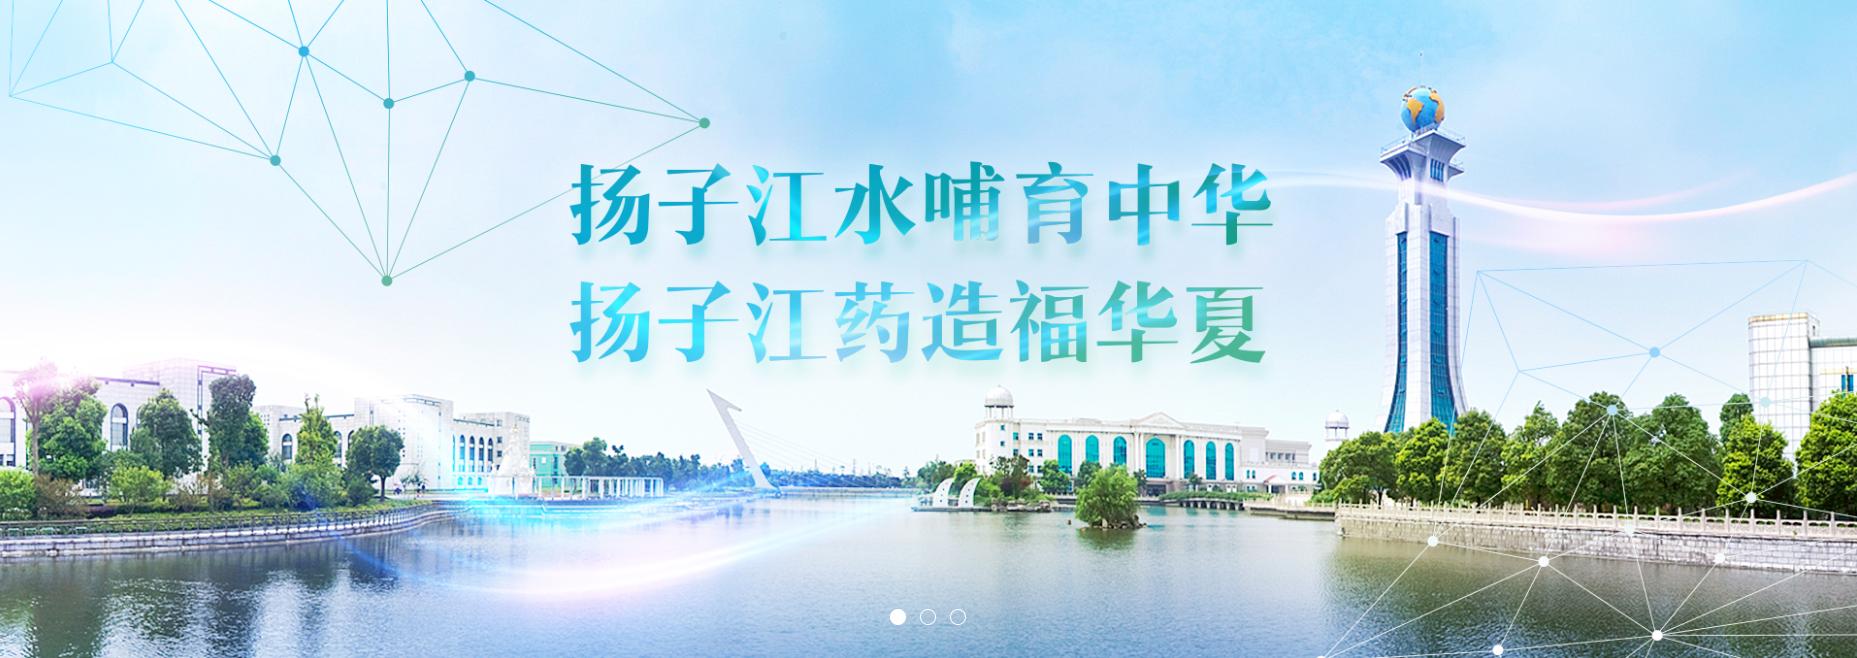 """扬子江大健康产品510中国品牌日登陆新华社""""快看""""直播平台"""